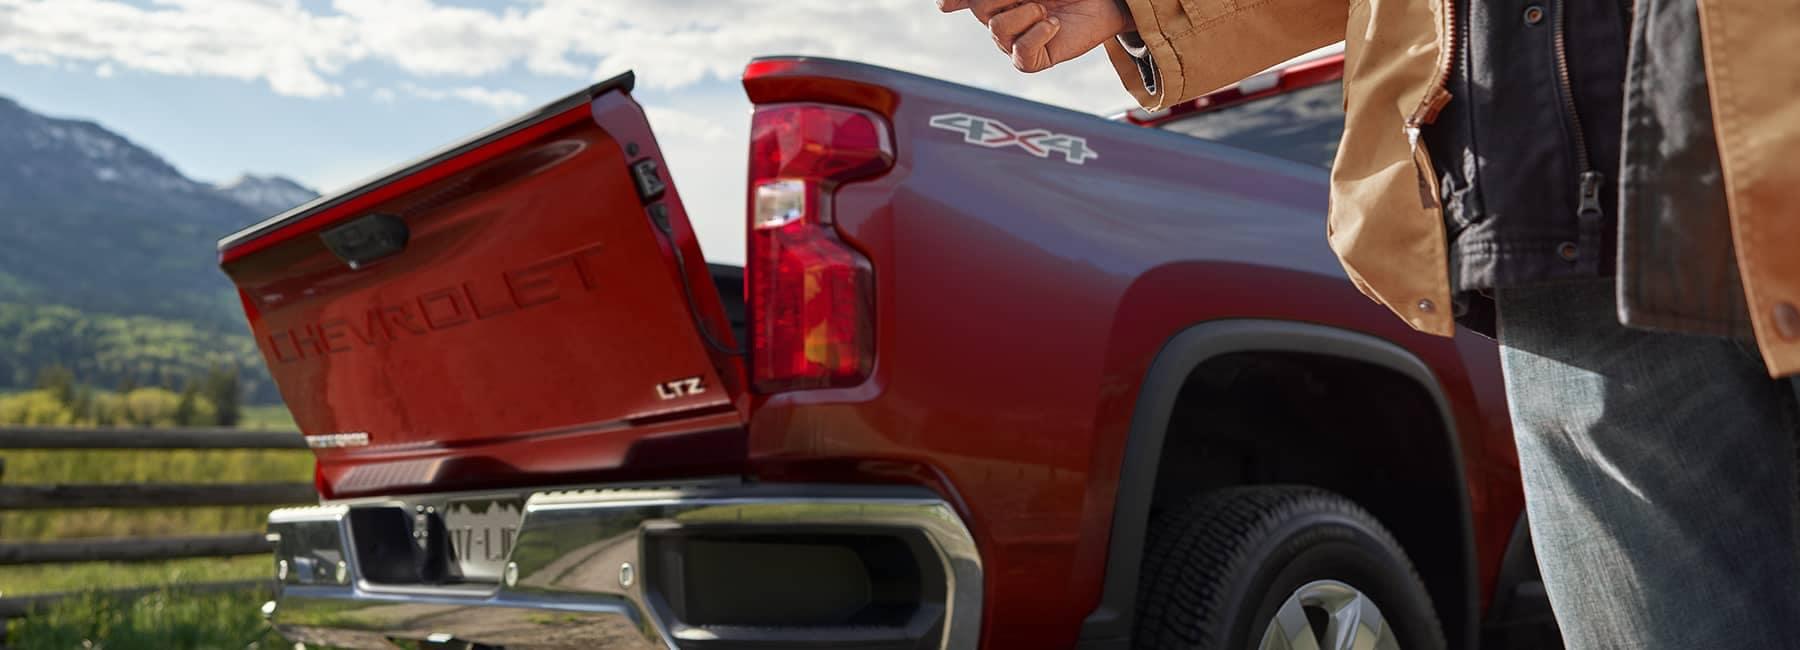 Red 2020 Chevrolet Silverado 2500HD Crew Cab Tailgate